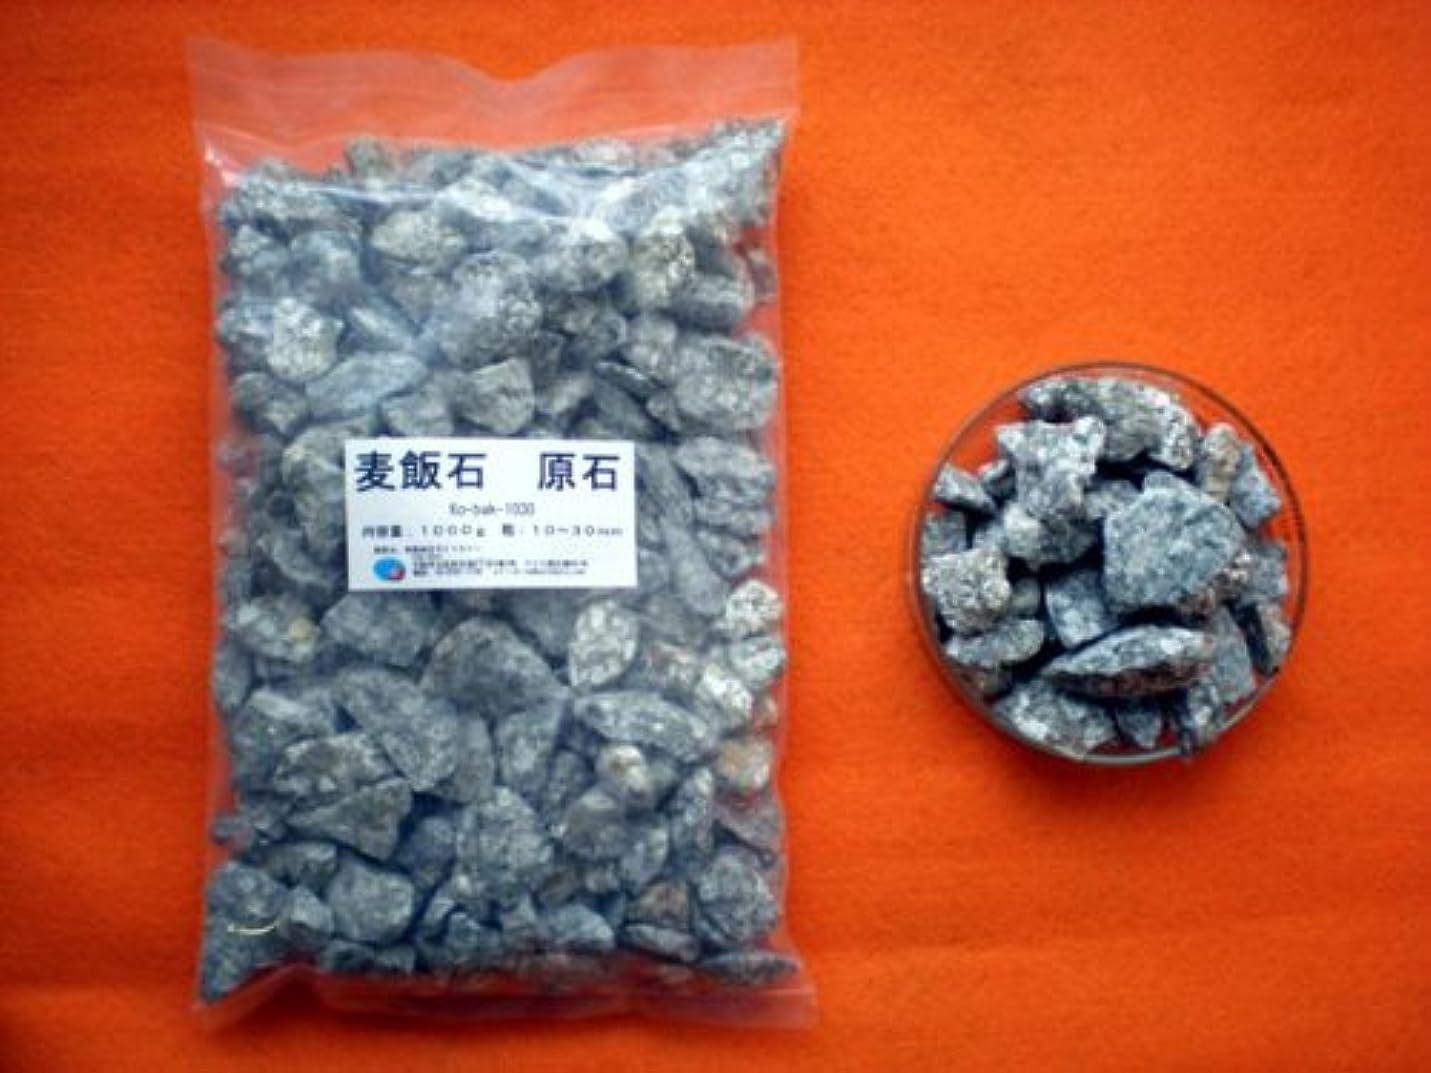 麦飯石 原石 [美濃白川町] 1000g/サイズ10-30mm